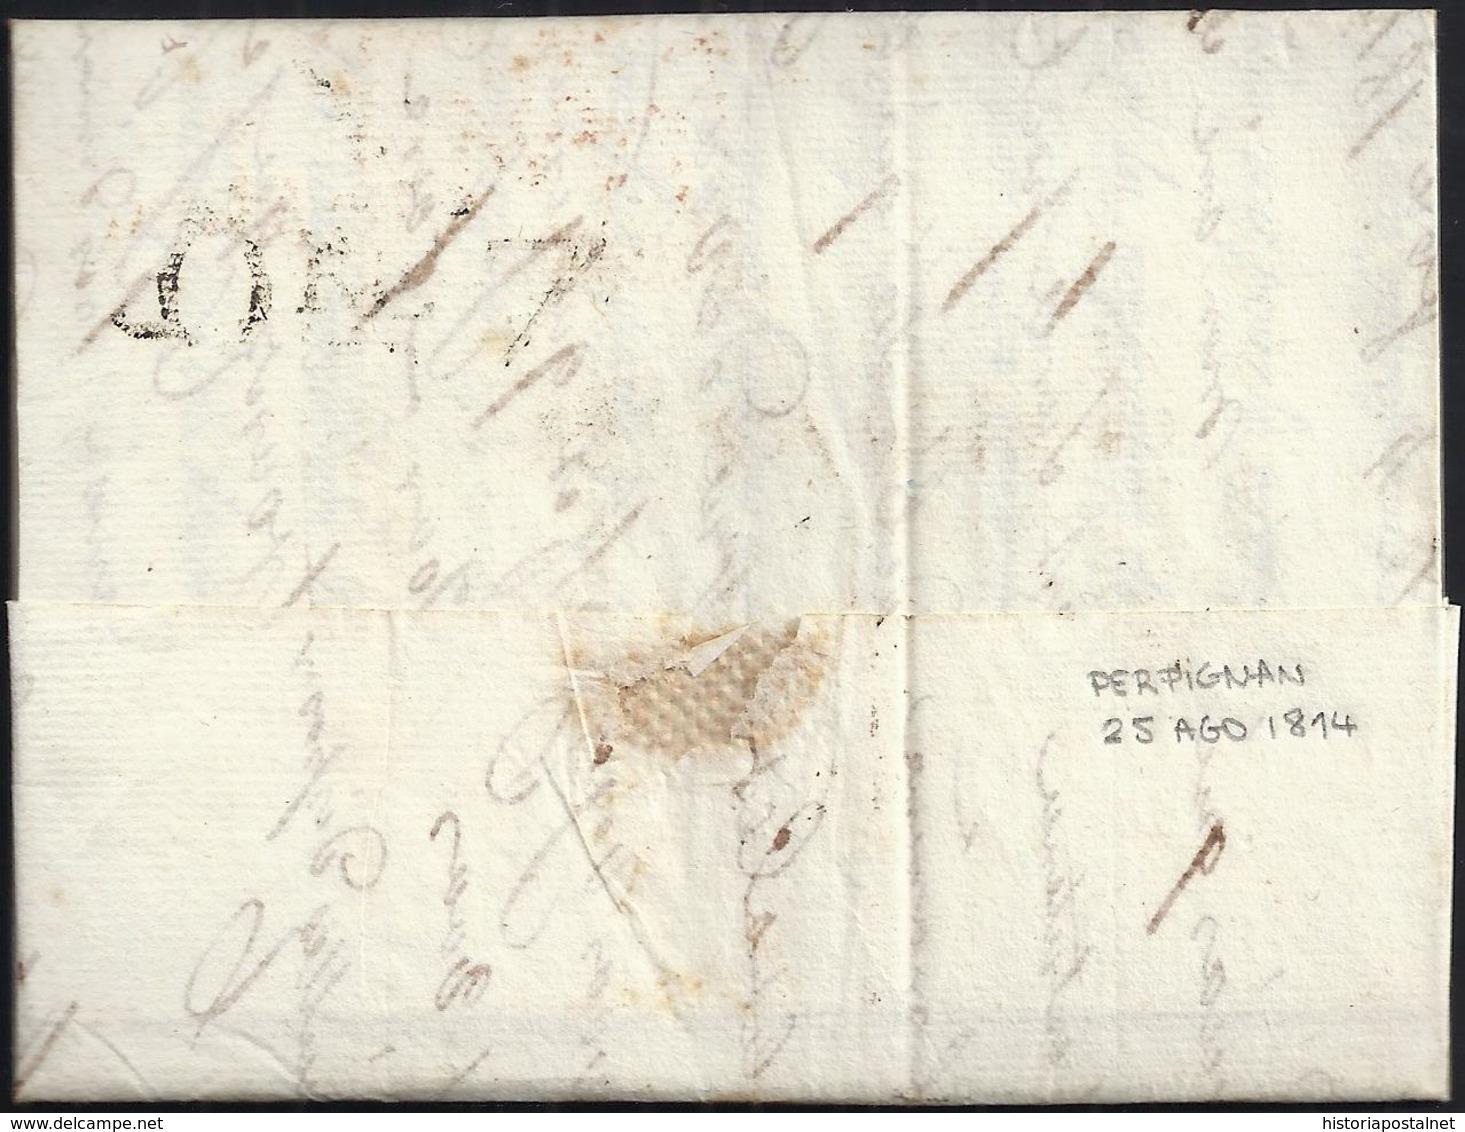 1814. PERPIGNAN A BARCELONA. MARCA 65/PERPIGNAN EN ROJO. PORTEO 5R REALES EN ROJO. MANCHAS DE VINAGRE POR DESINFECCIÓN. - Marcofilia (sobres)